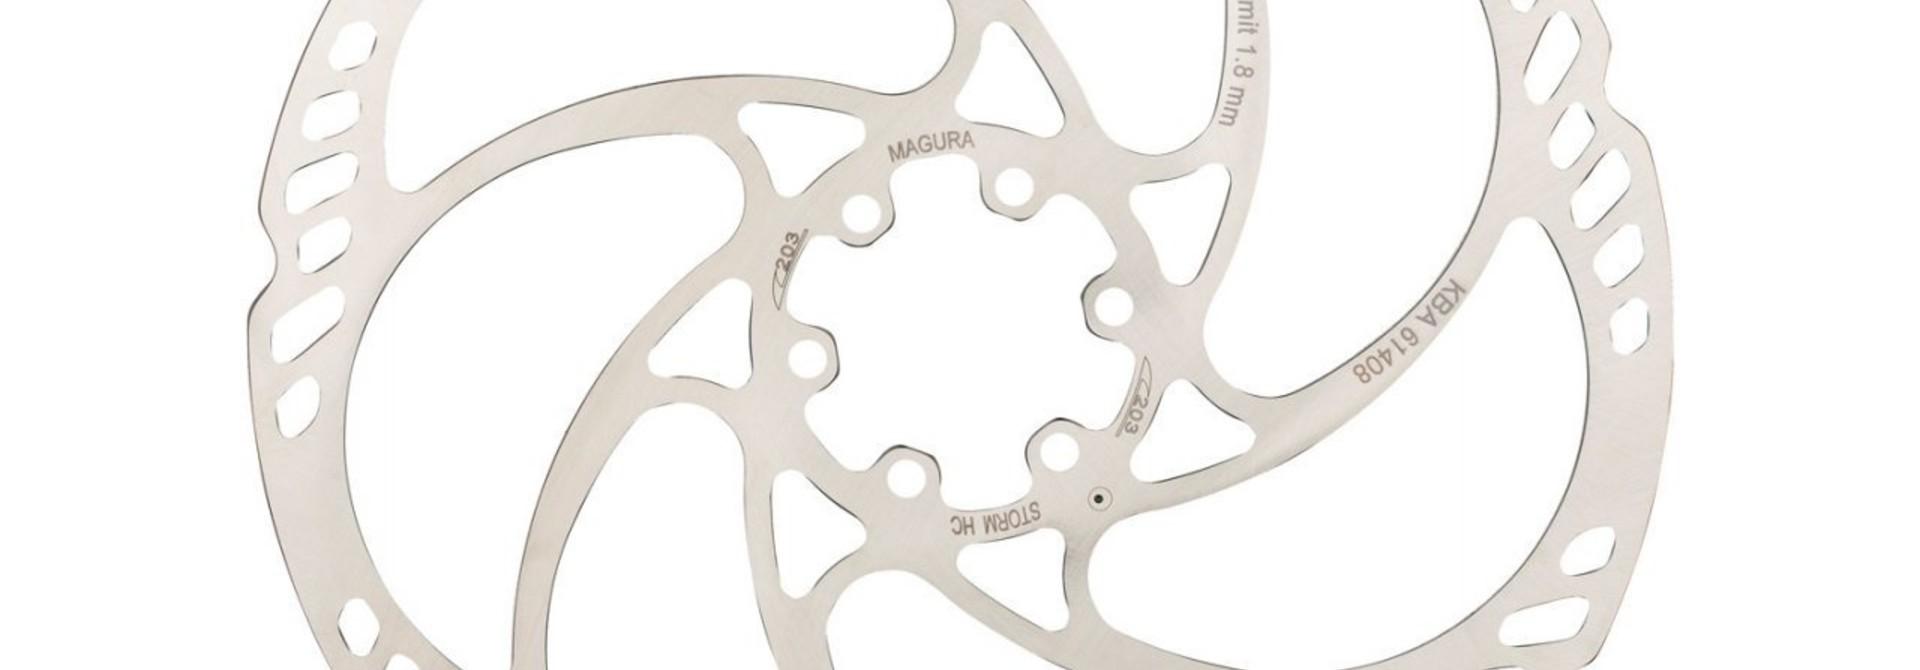 Magura Storm HC Rotor, ISO 6 bolt